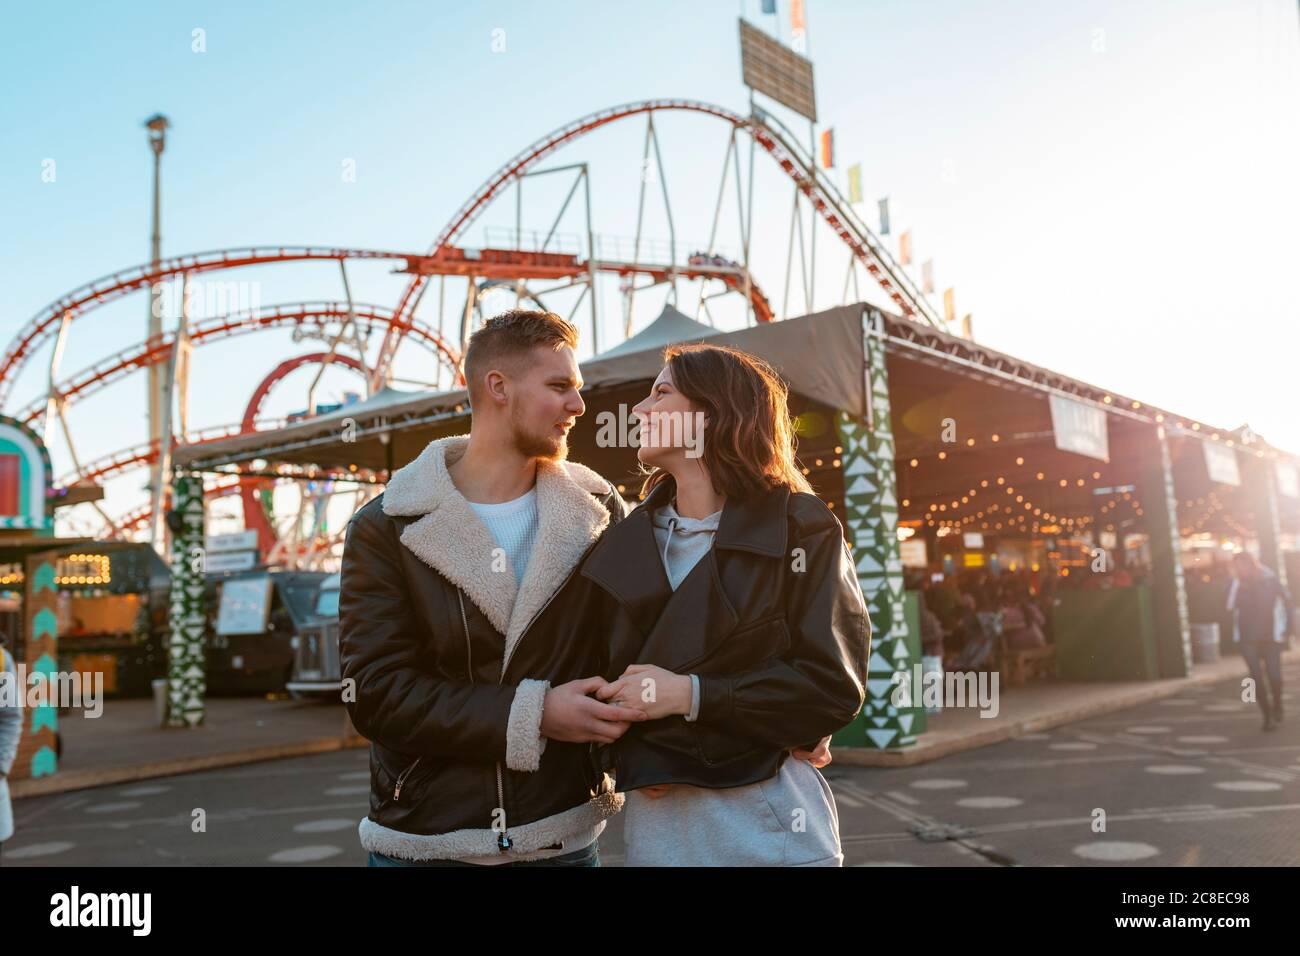 Jeune couple romantique tenant les mains tout en se tenant dans le parc d'attractions au coucher du soleil Banque D'Images